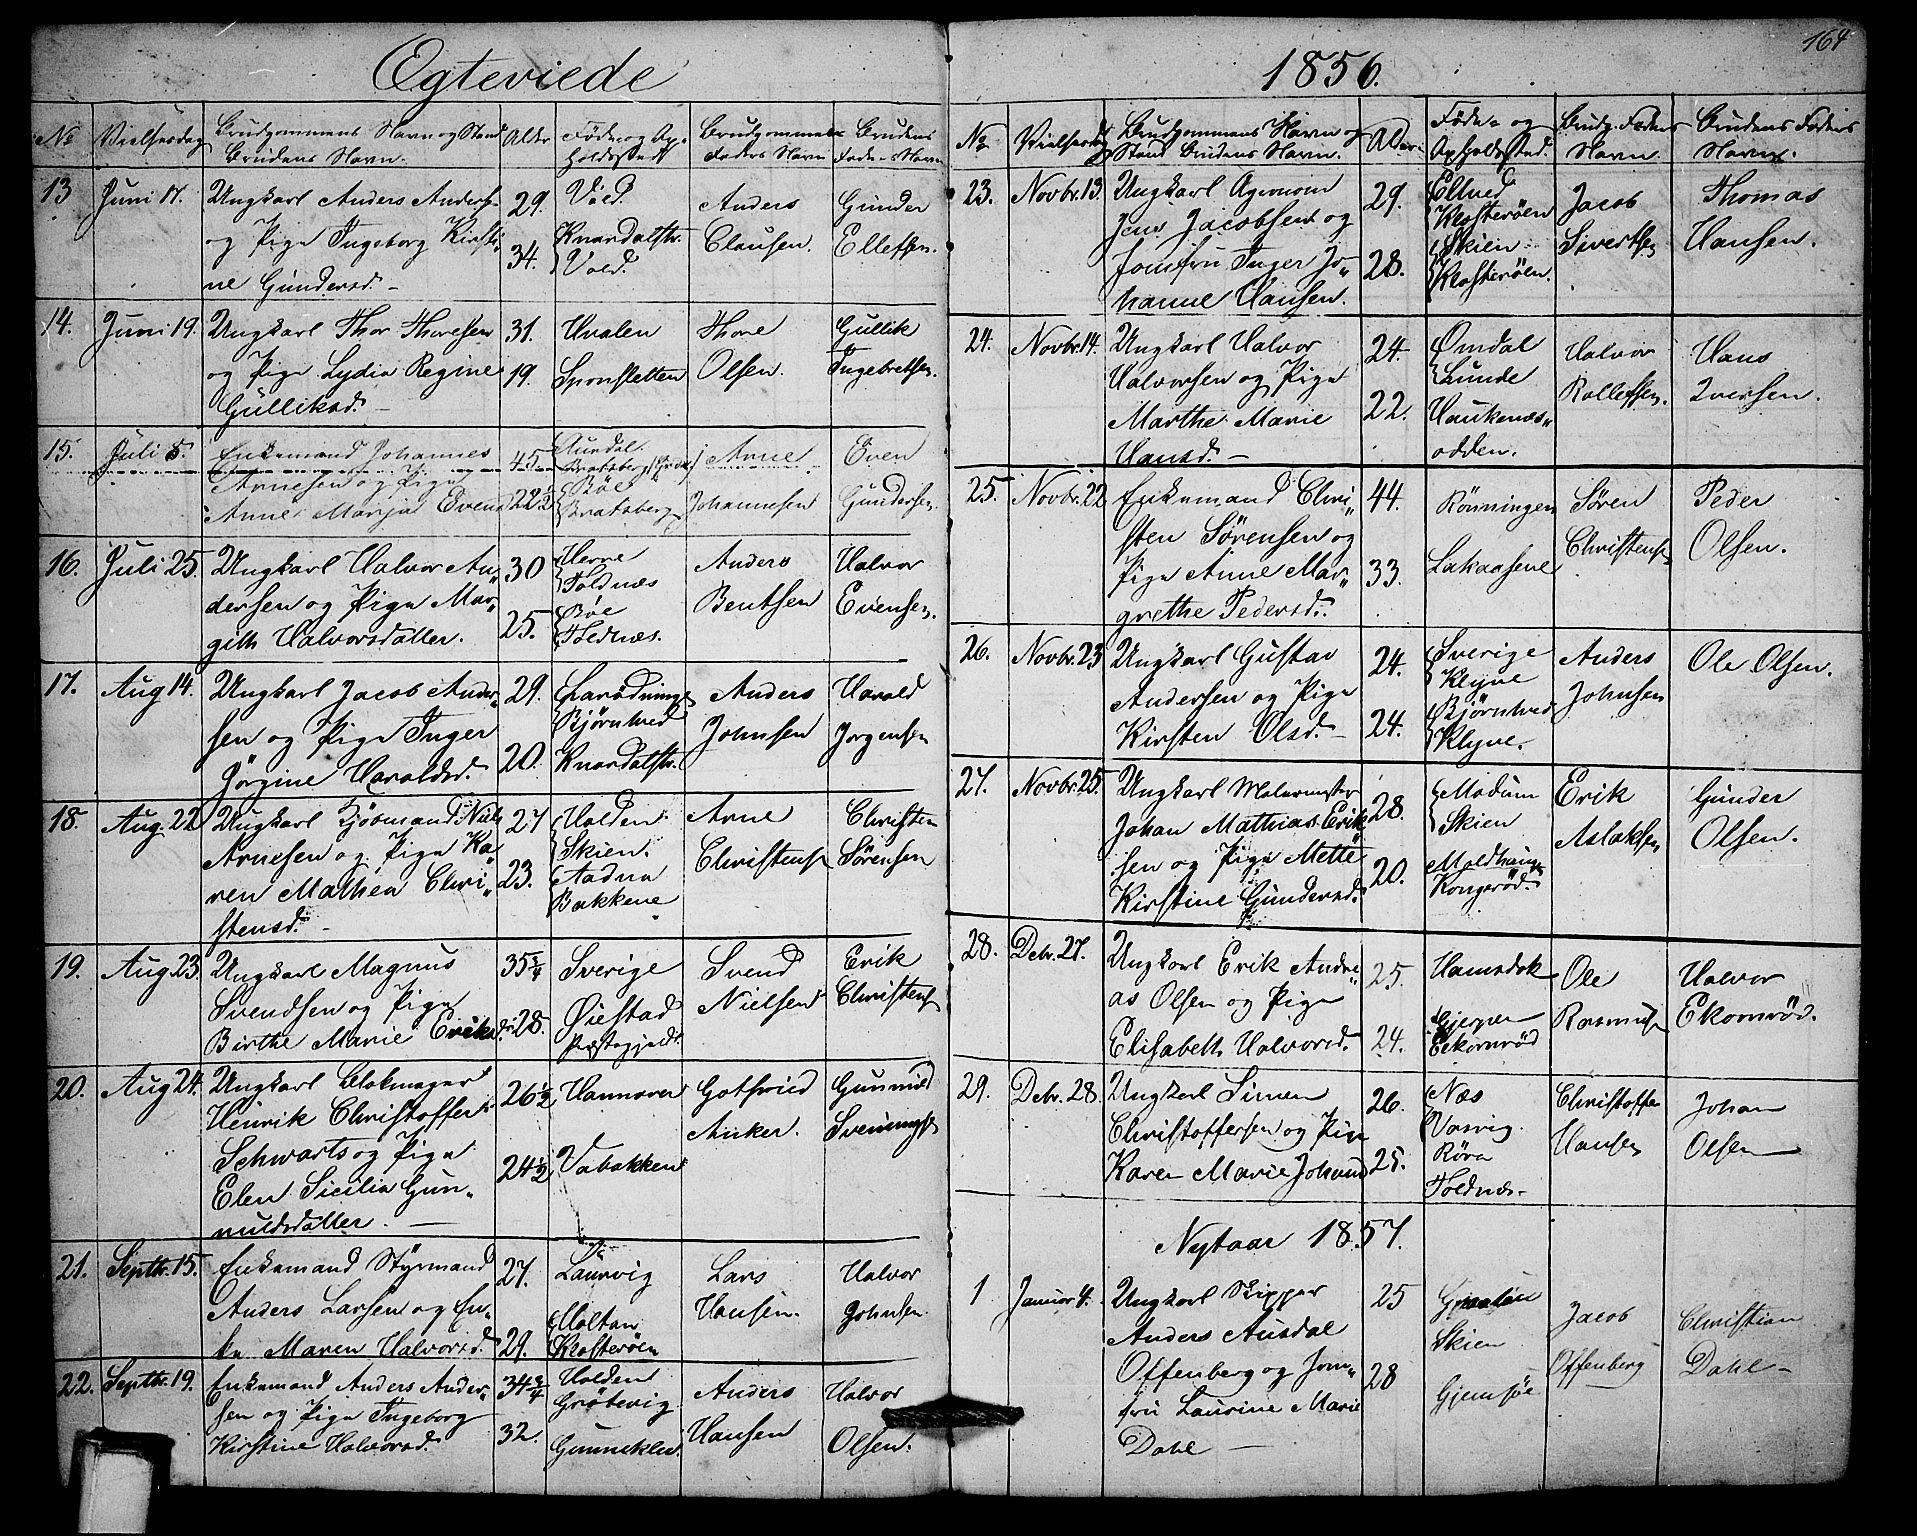 SAKO, Solum kirkebøker, G/Ga/L0003: Klokkerbok nr. I 3, 1848-1859, s. 164